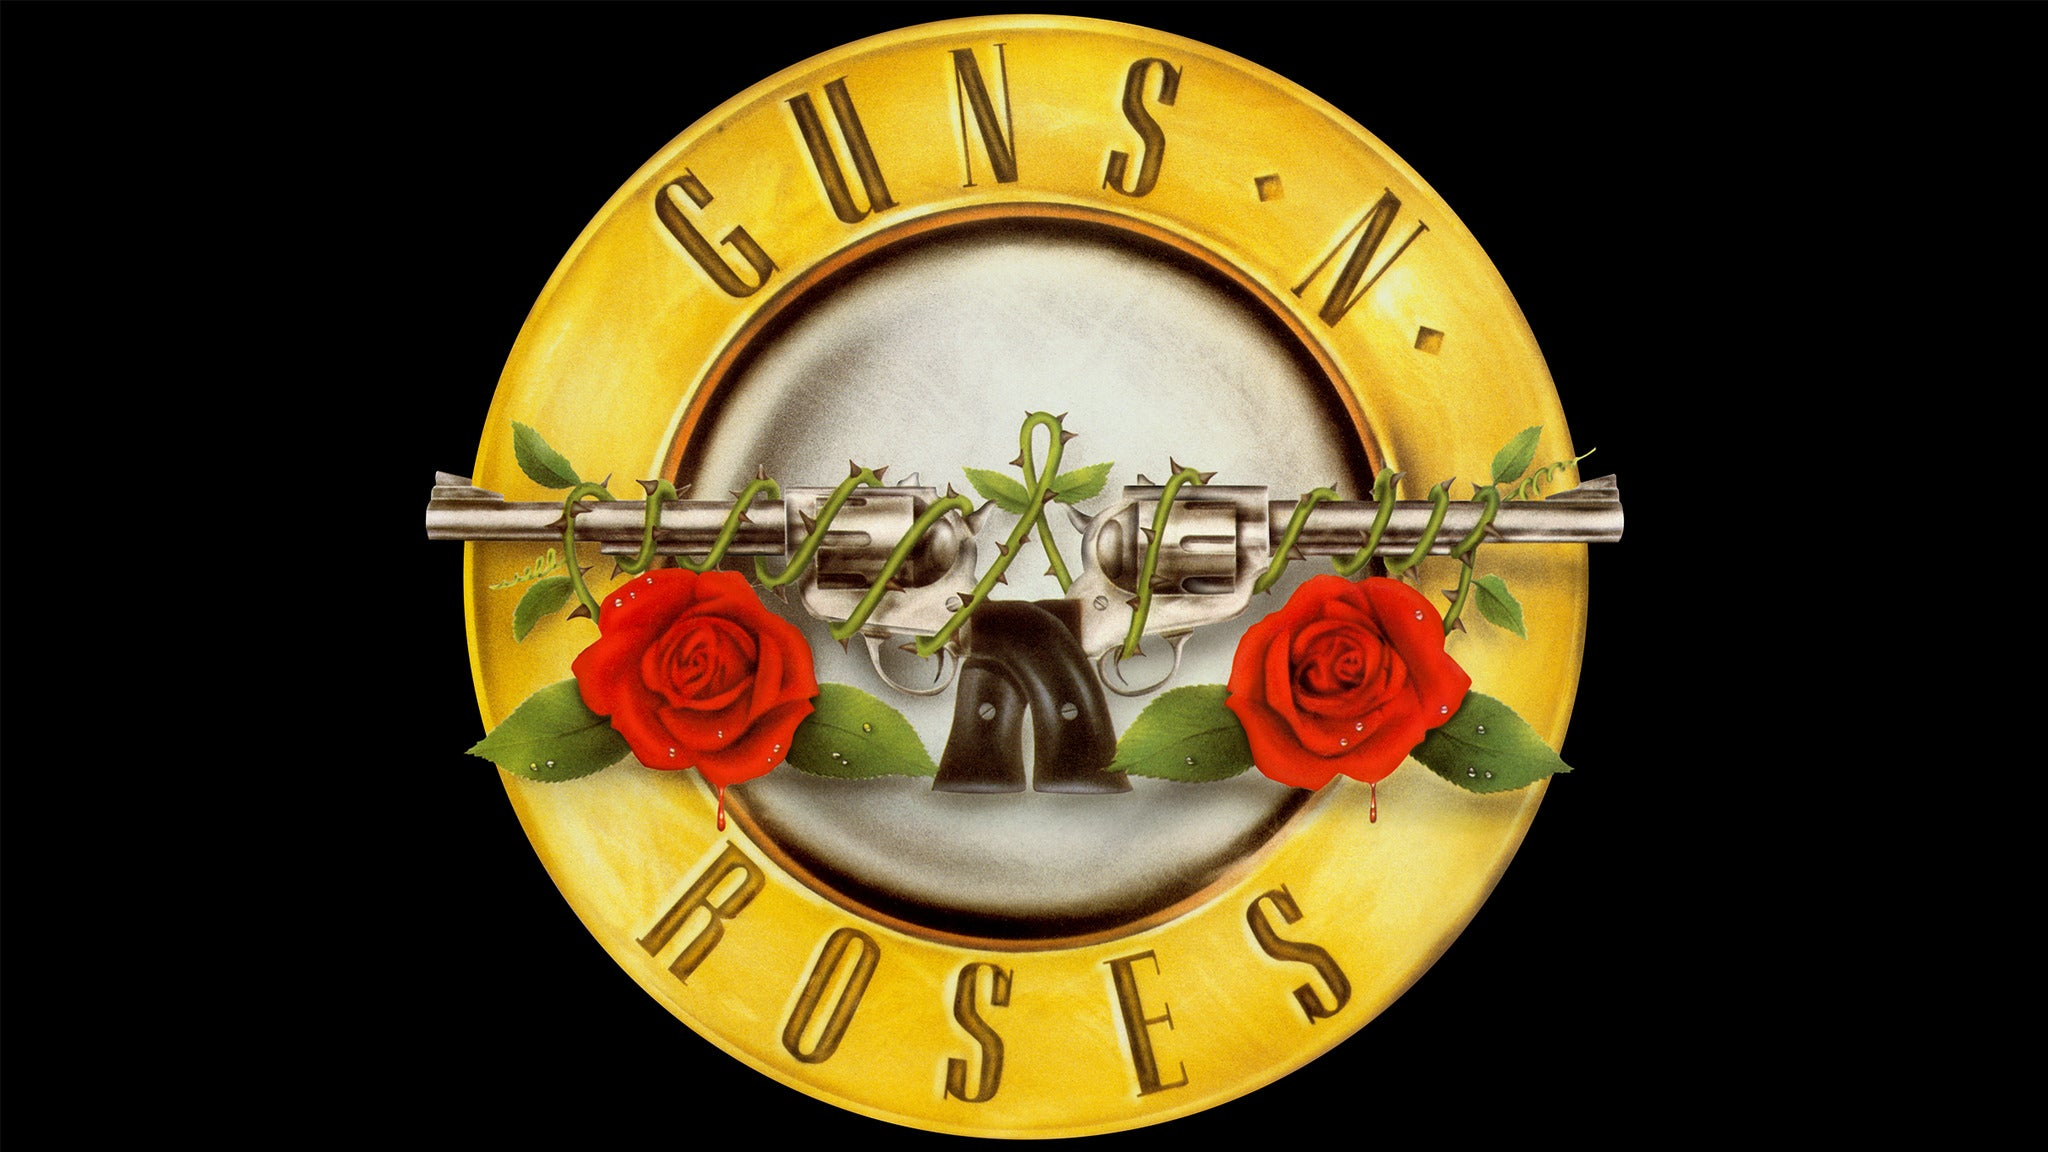 Guns N' Roses 2021 Tour at SAP Center at San Jose